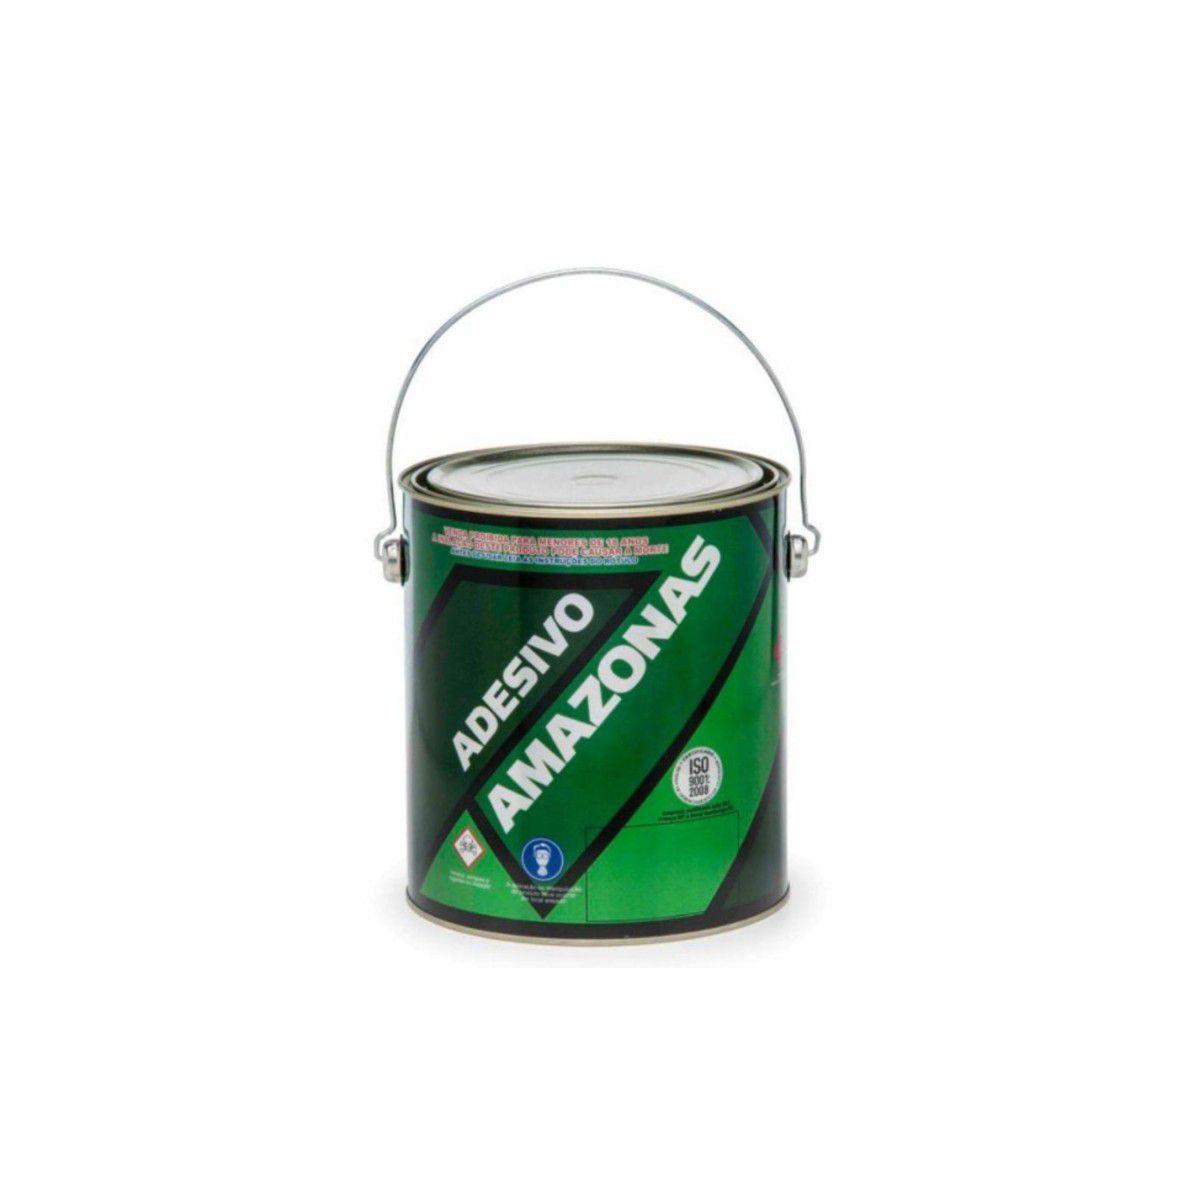 Cola De Contato Extra Universal 2,8kg De Sapateiro Amazonas